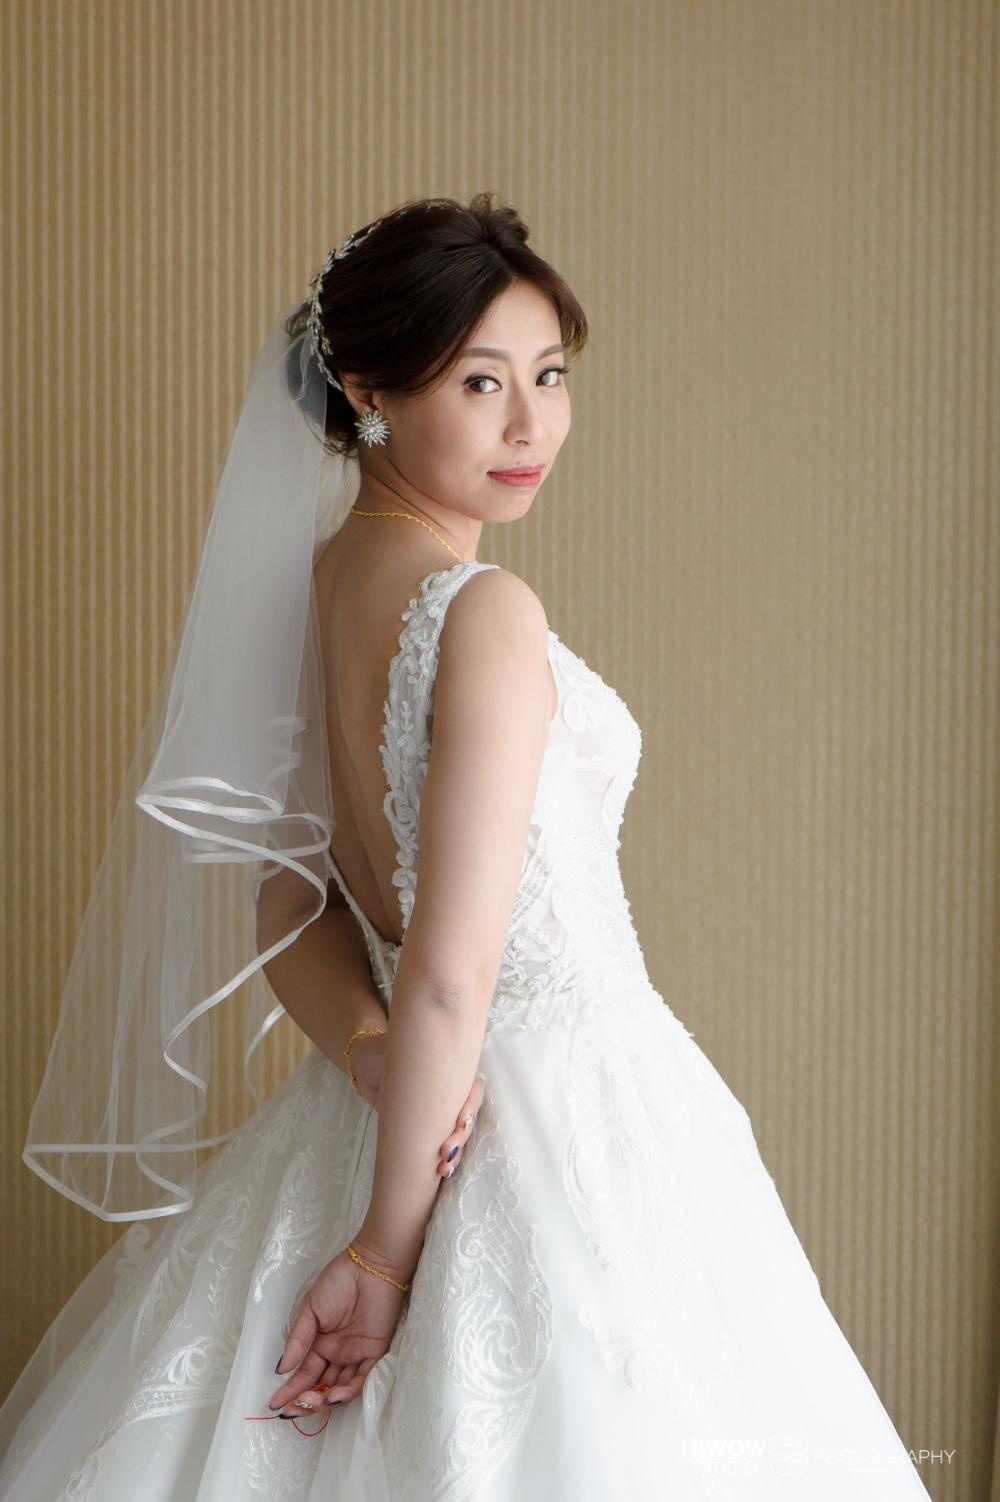 海蛙攝影:austin:hiwal.studio:婚攝:自助婚紗:婚禮紀錄:三重:彭園49